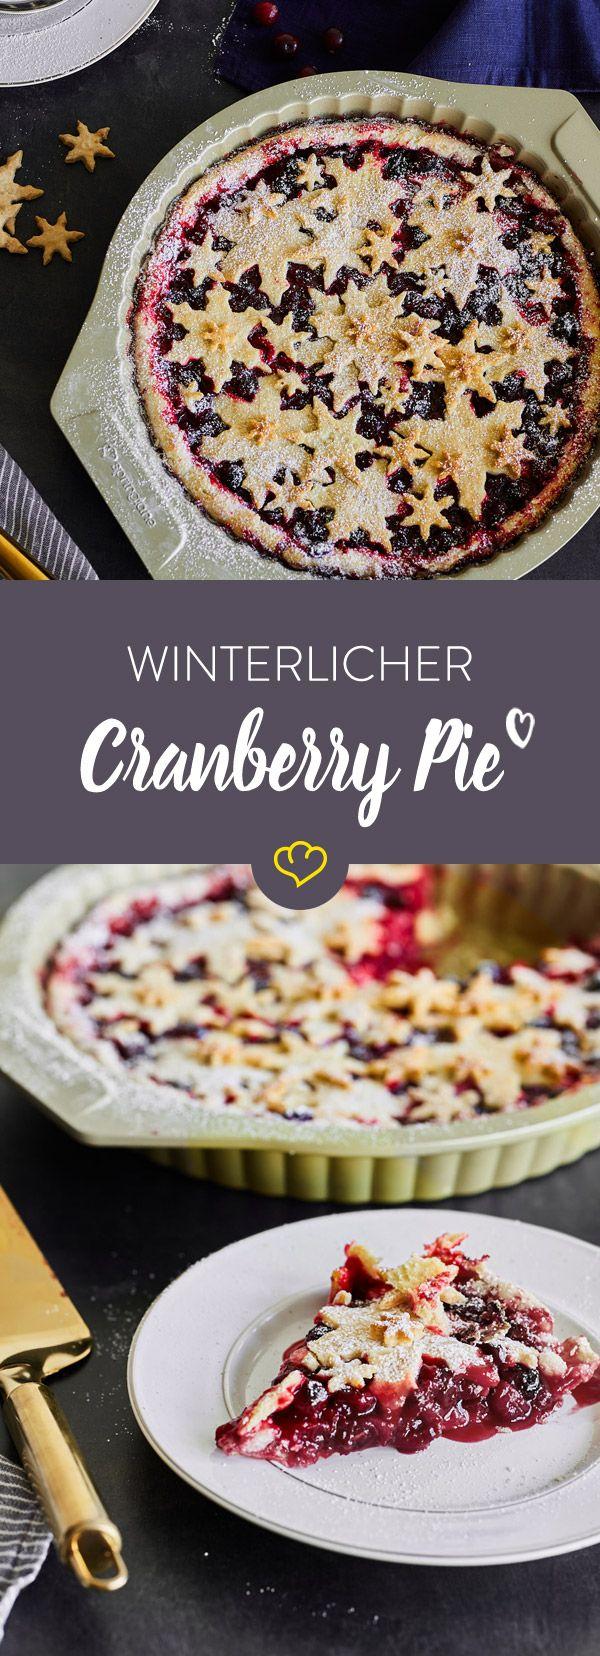 Mal was anderes als Apple Pie: Mit Cranberries wird die Füllung beerig-fruchtig und passt wunderbar in die Weihnachts-Zeit.